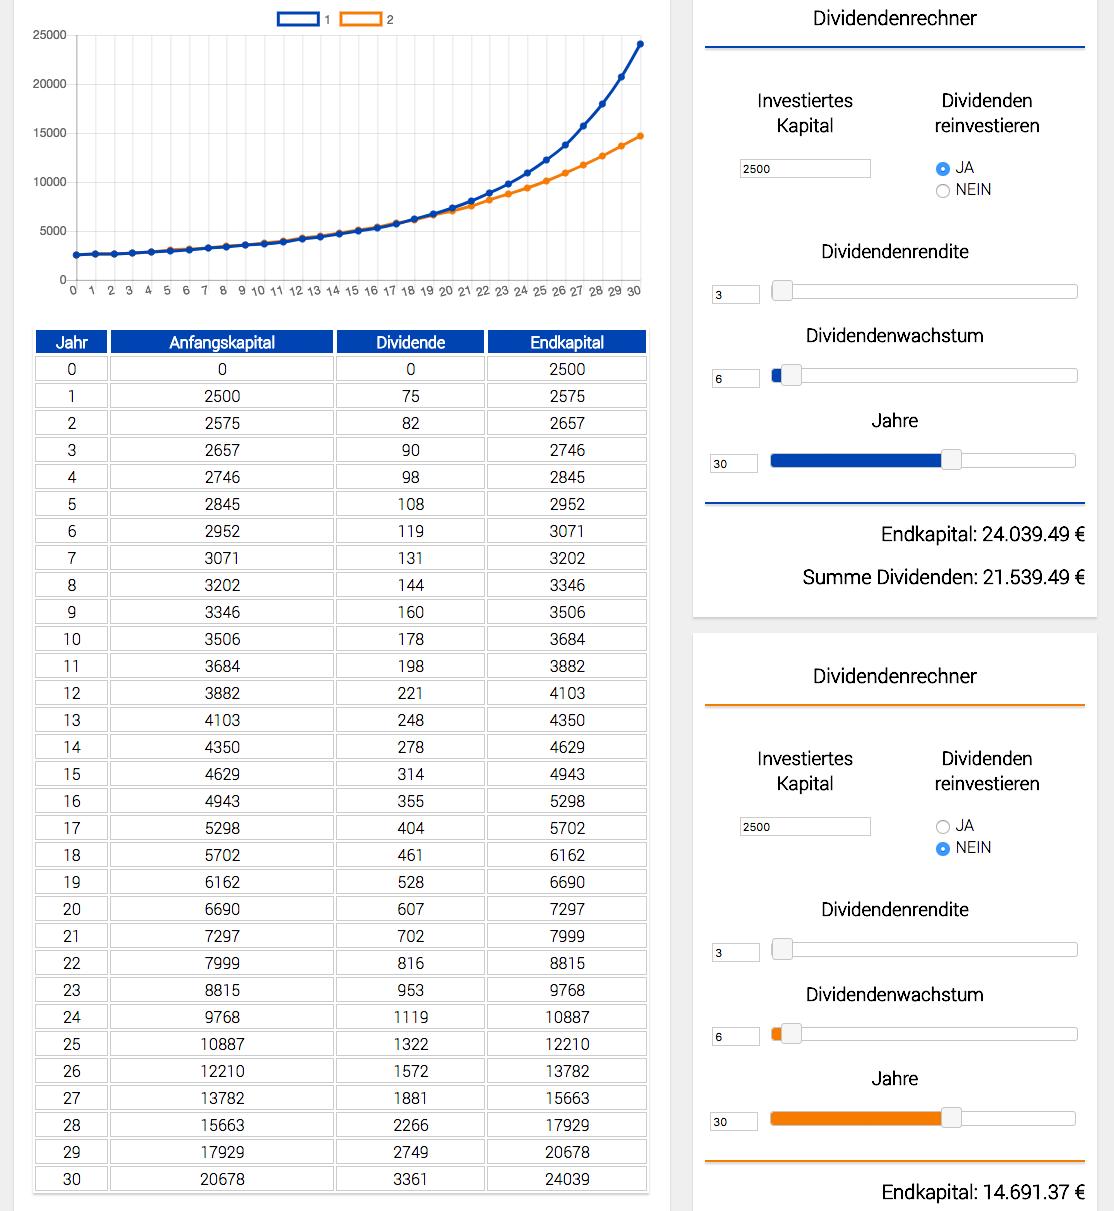 Dividenden Rechner von http://tipps-zum-investieren.de/tools/dividenden-rechner/